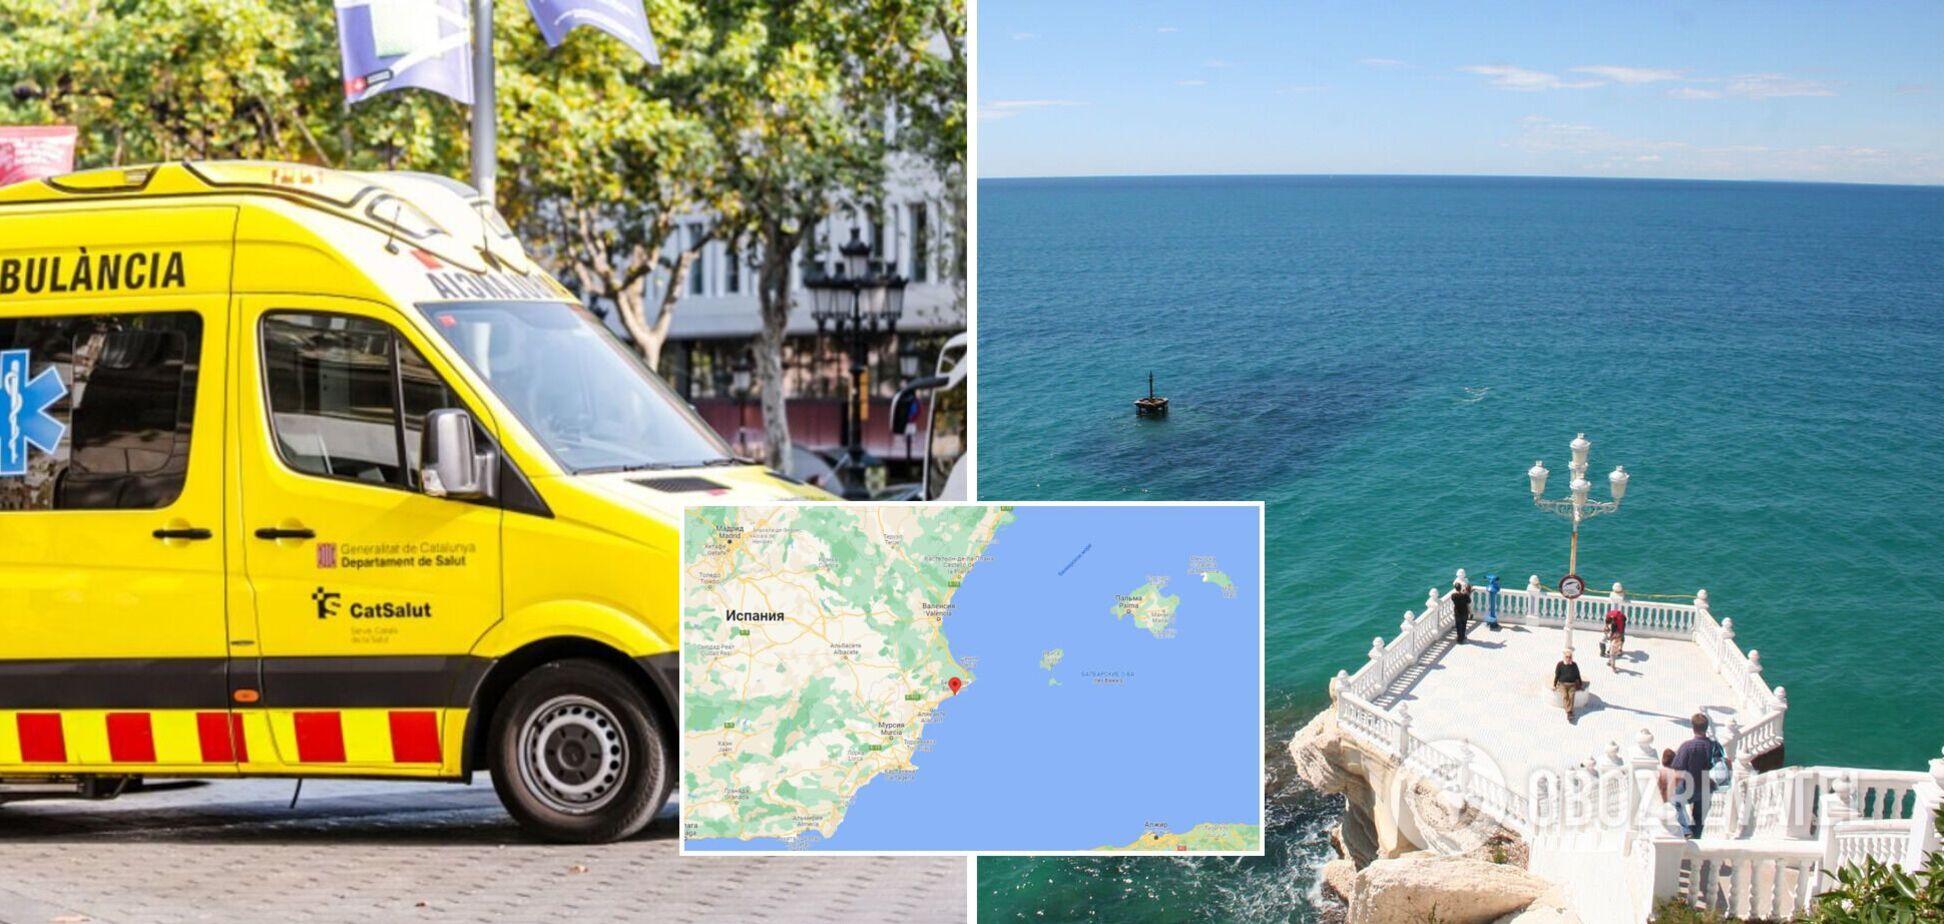 В Іспанії померла українка, яка робила селфі й зірвалася в море